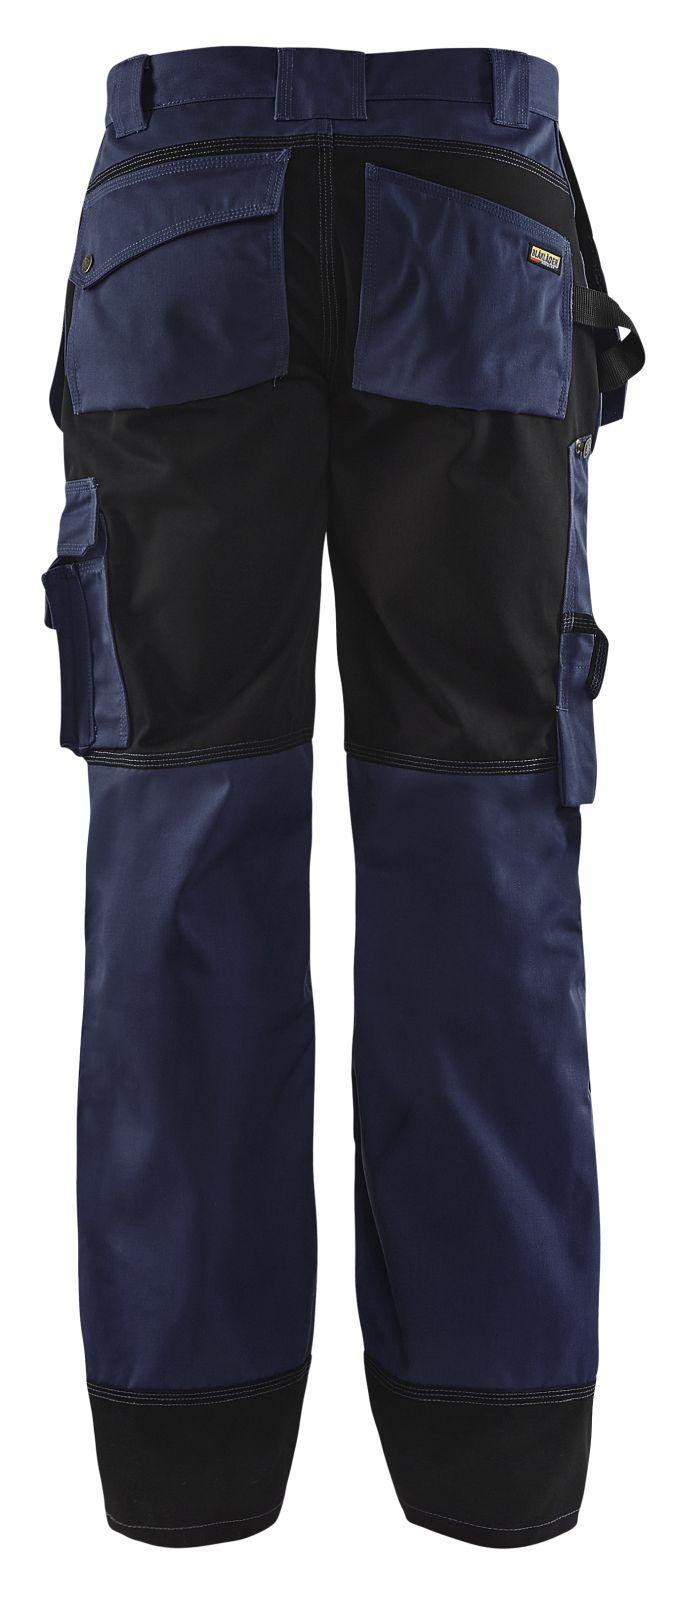 Blaklader Werkbroeken 15031860 marineblauw-zwart(8999)